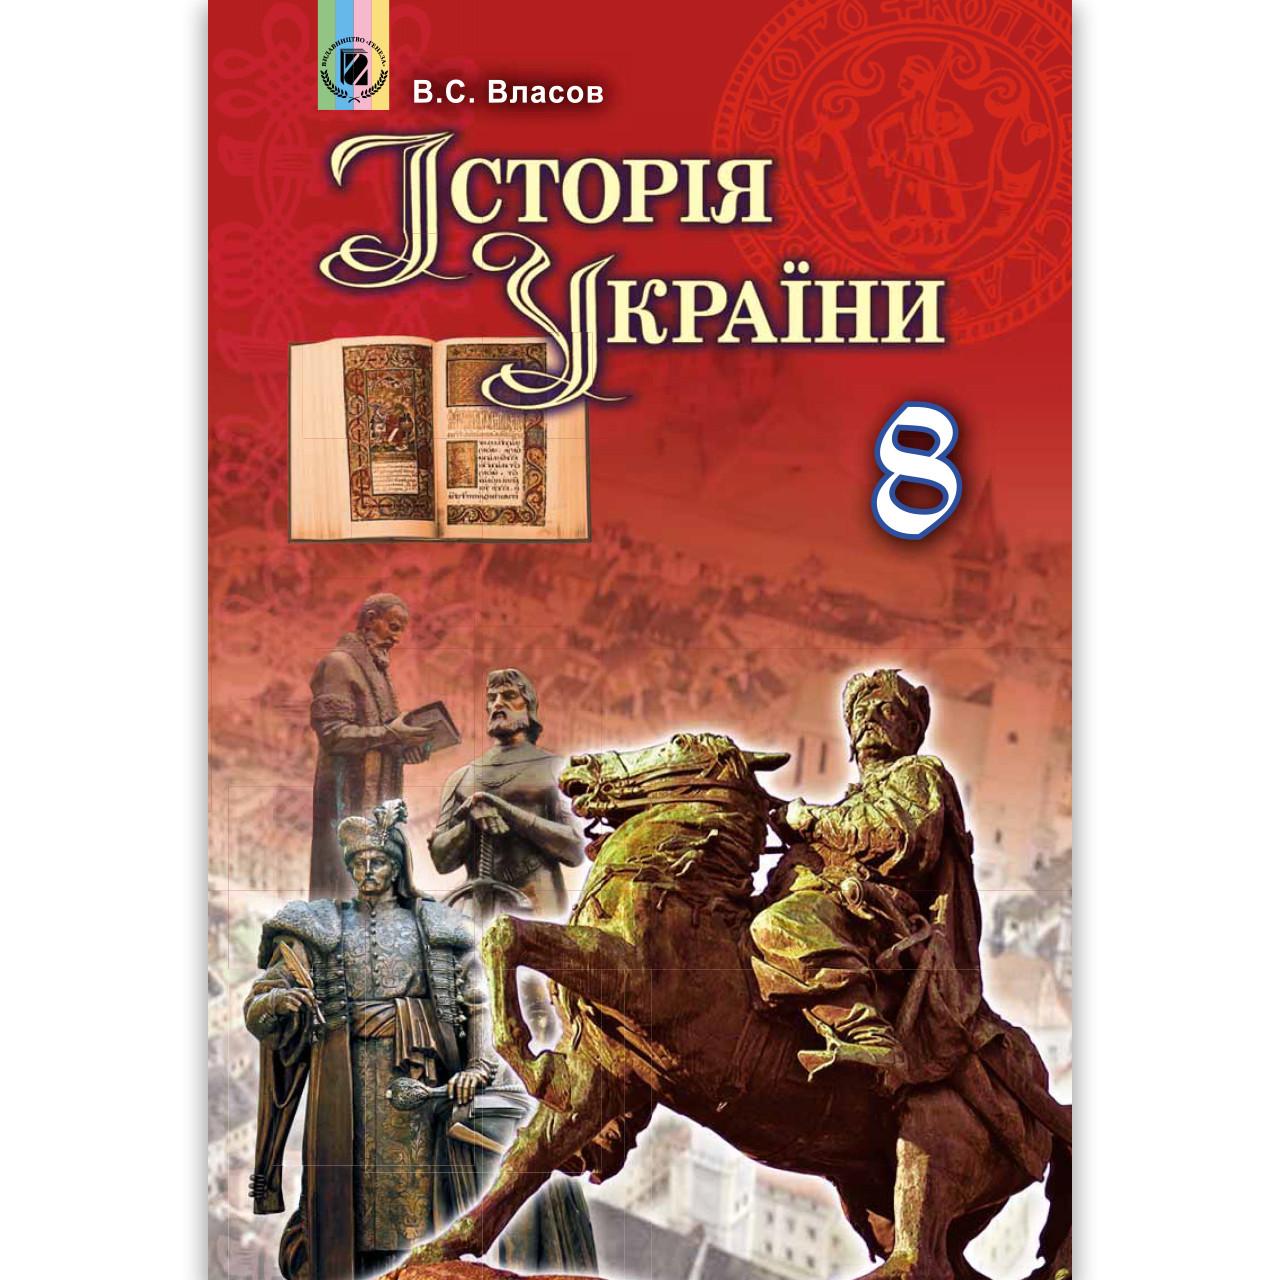 Підручник Історія України 8 клас Авт: Власов В. Вид: Генеза